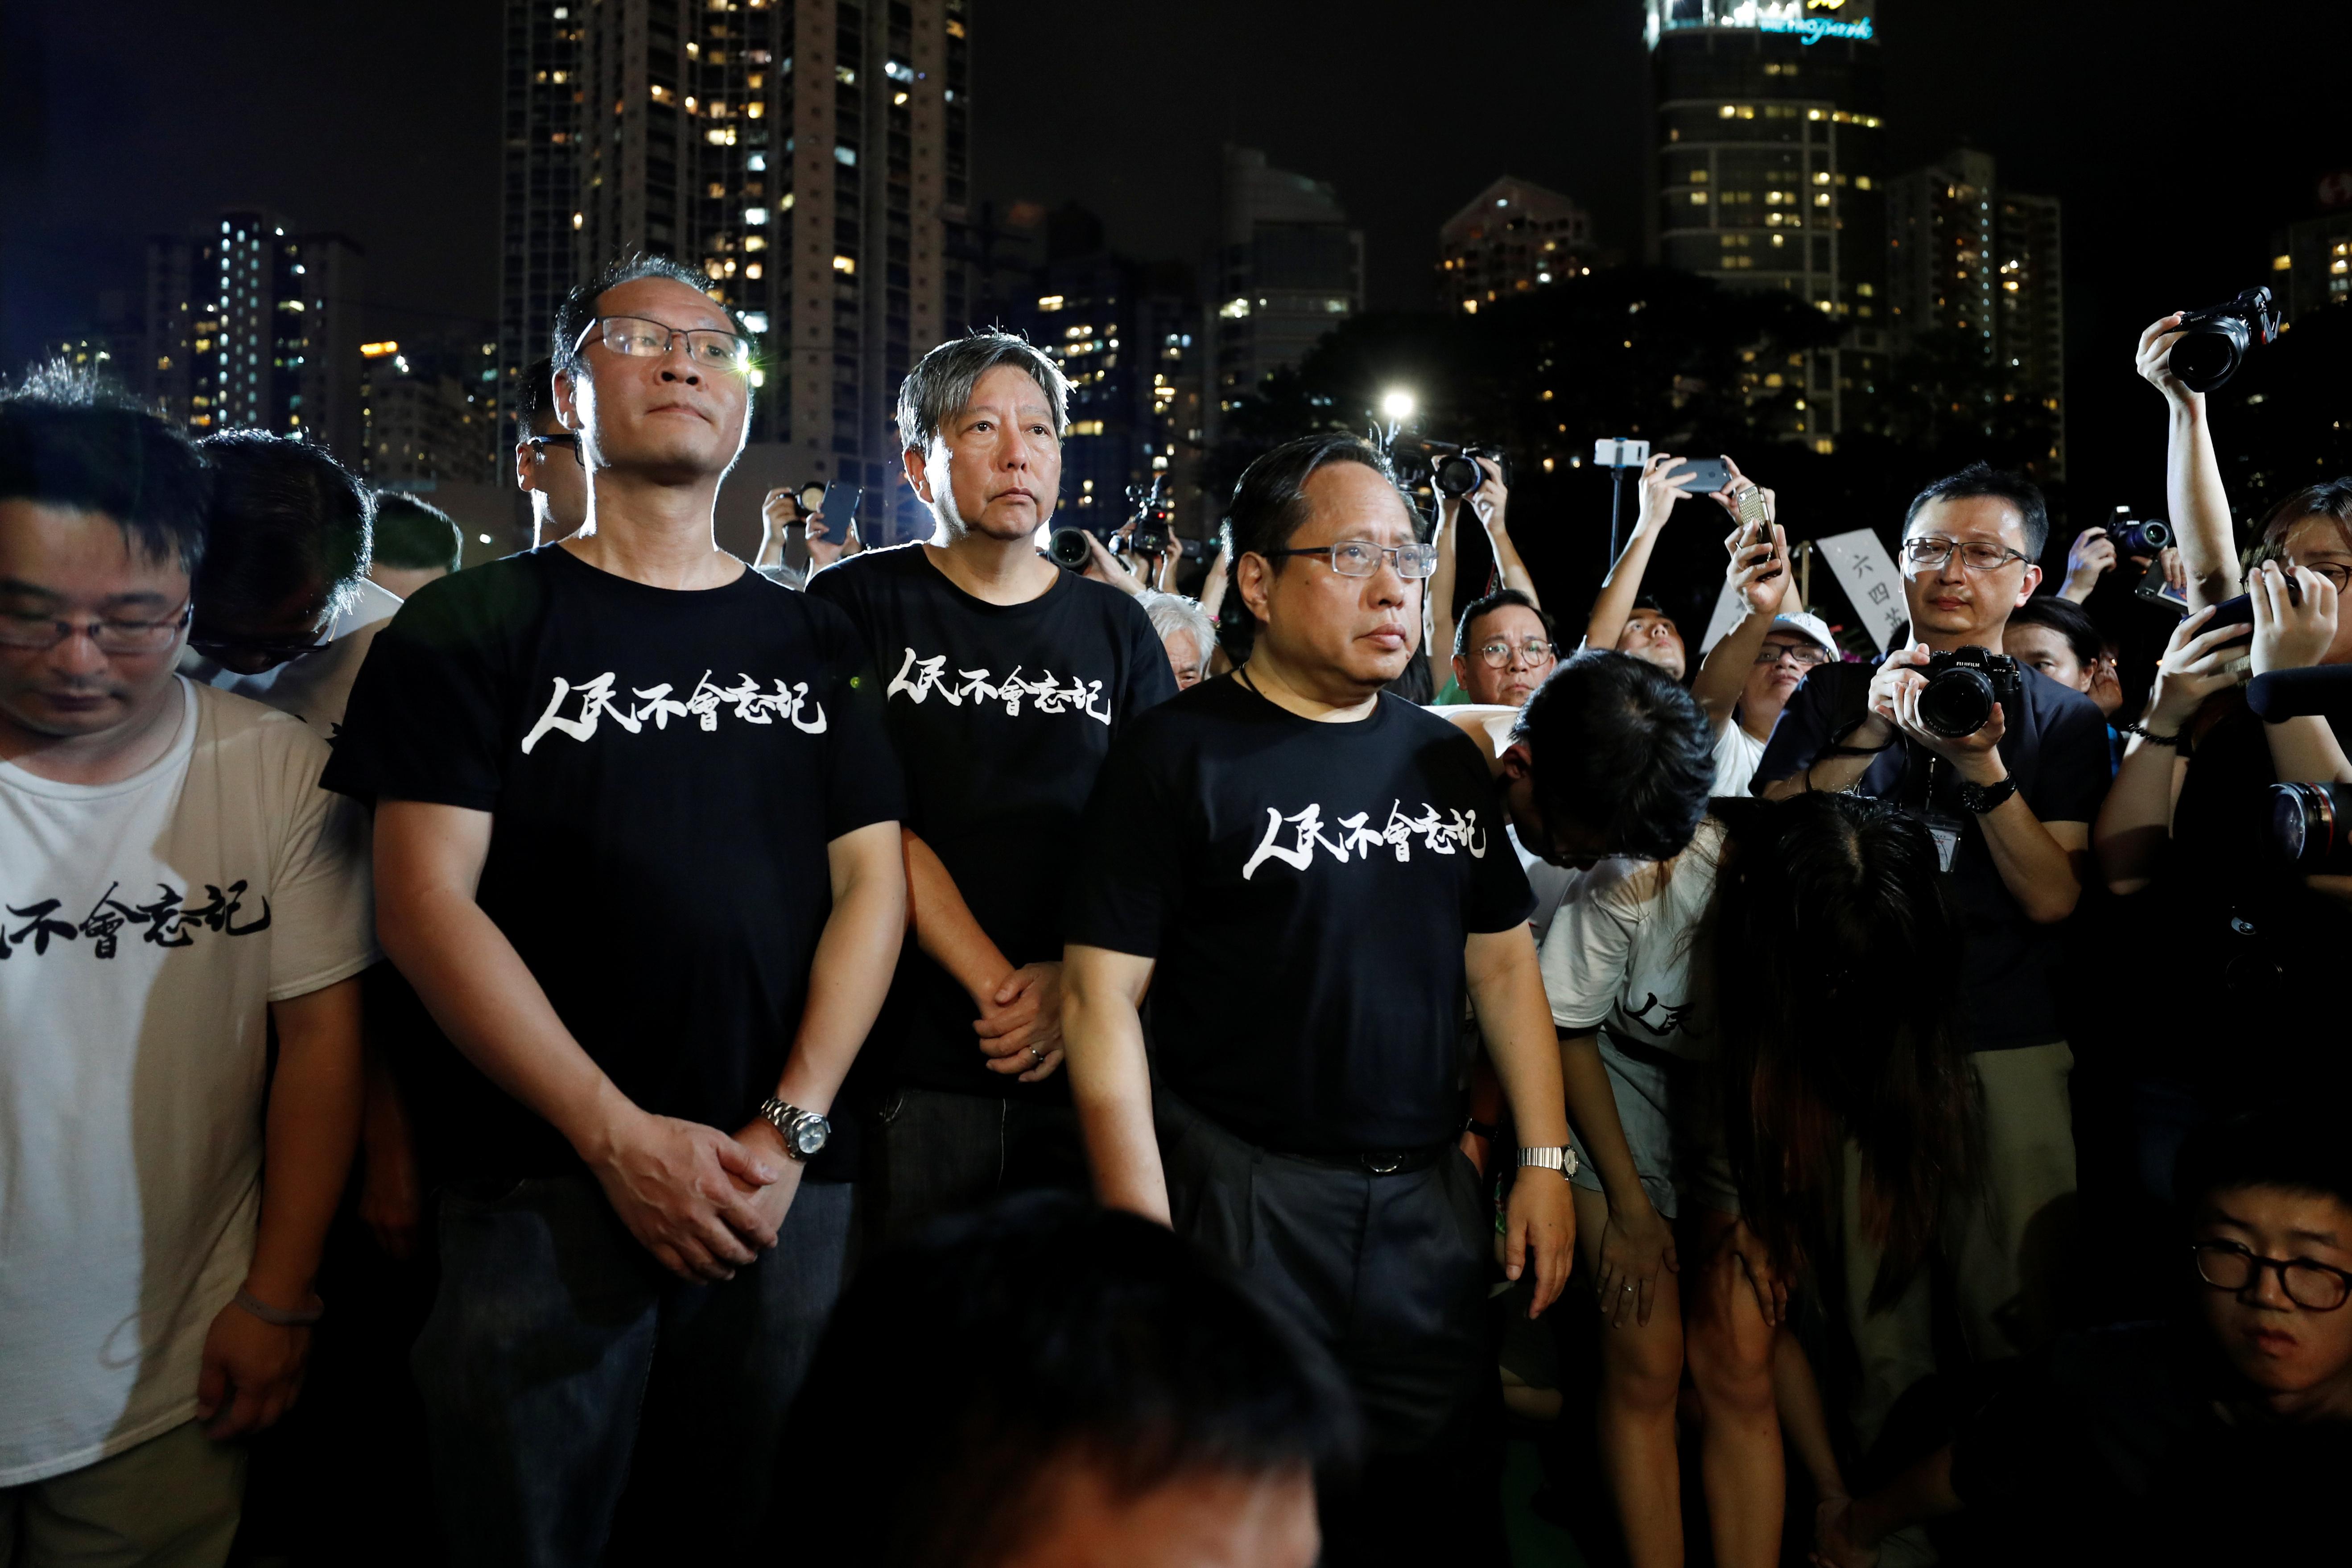 蔡耀昌(黑衣左)在2019年紀念六四時,站在李卓人(黑衣中)及何俊仁(黑衣右)身旁。現時後兩者正在獄中。(路透社資料圖片)